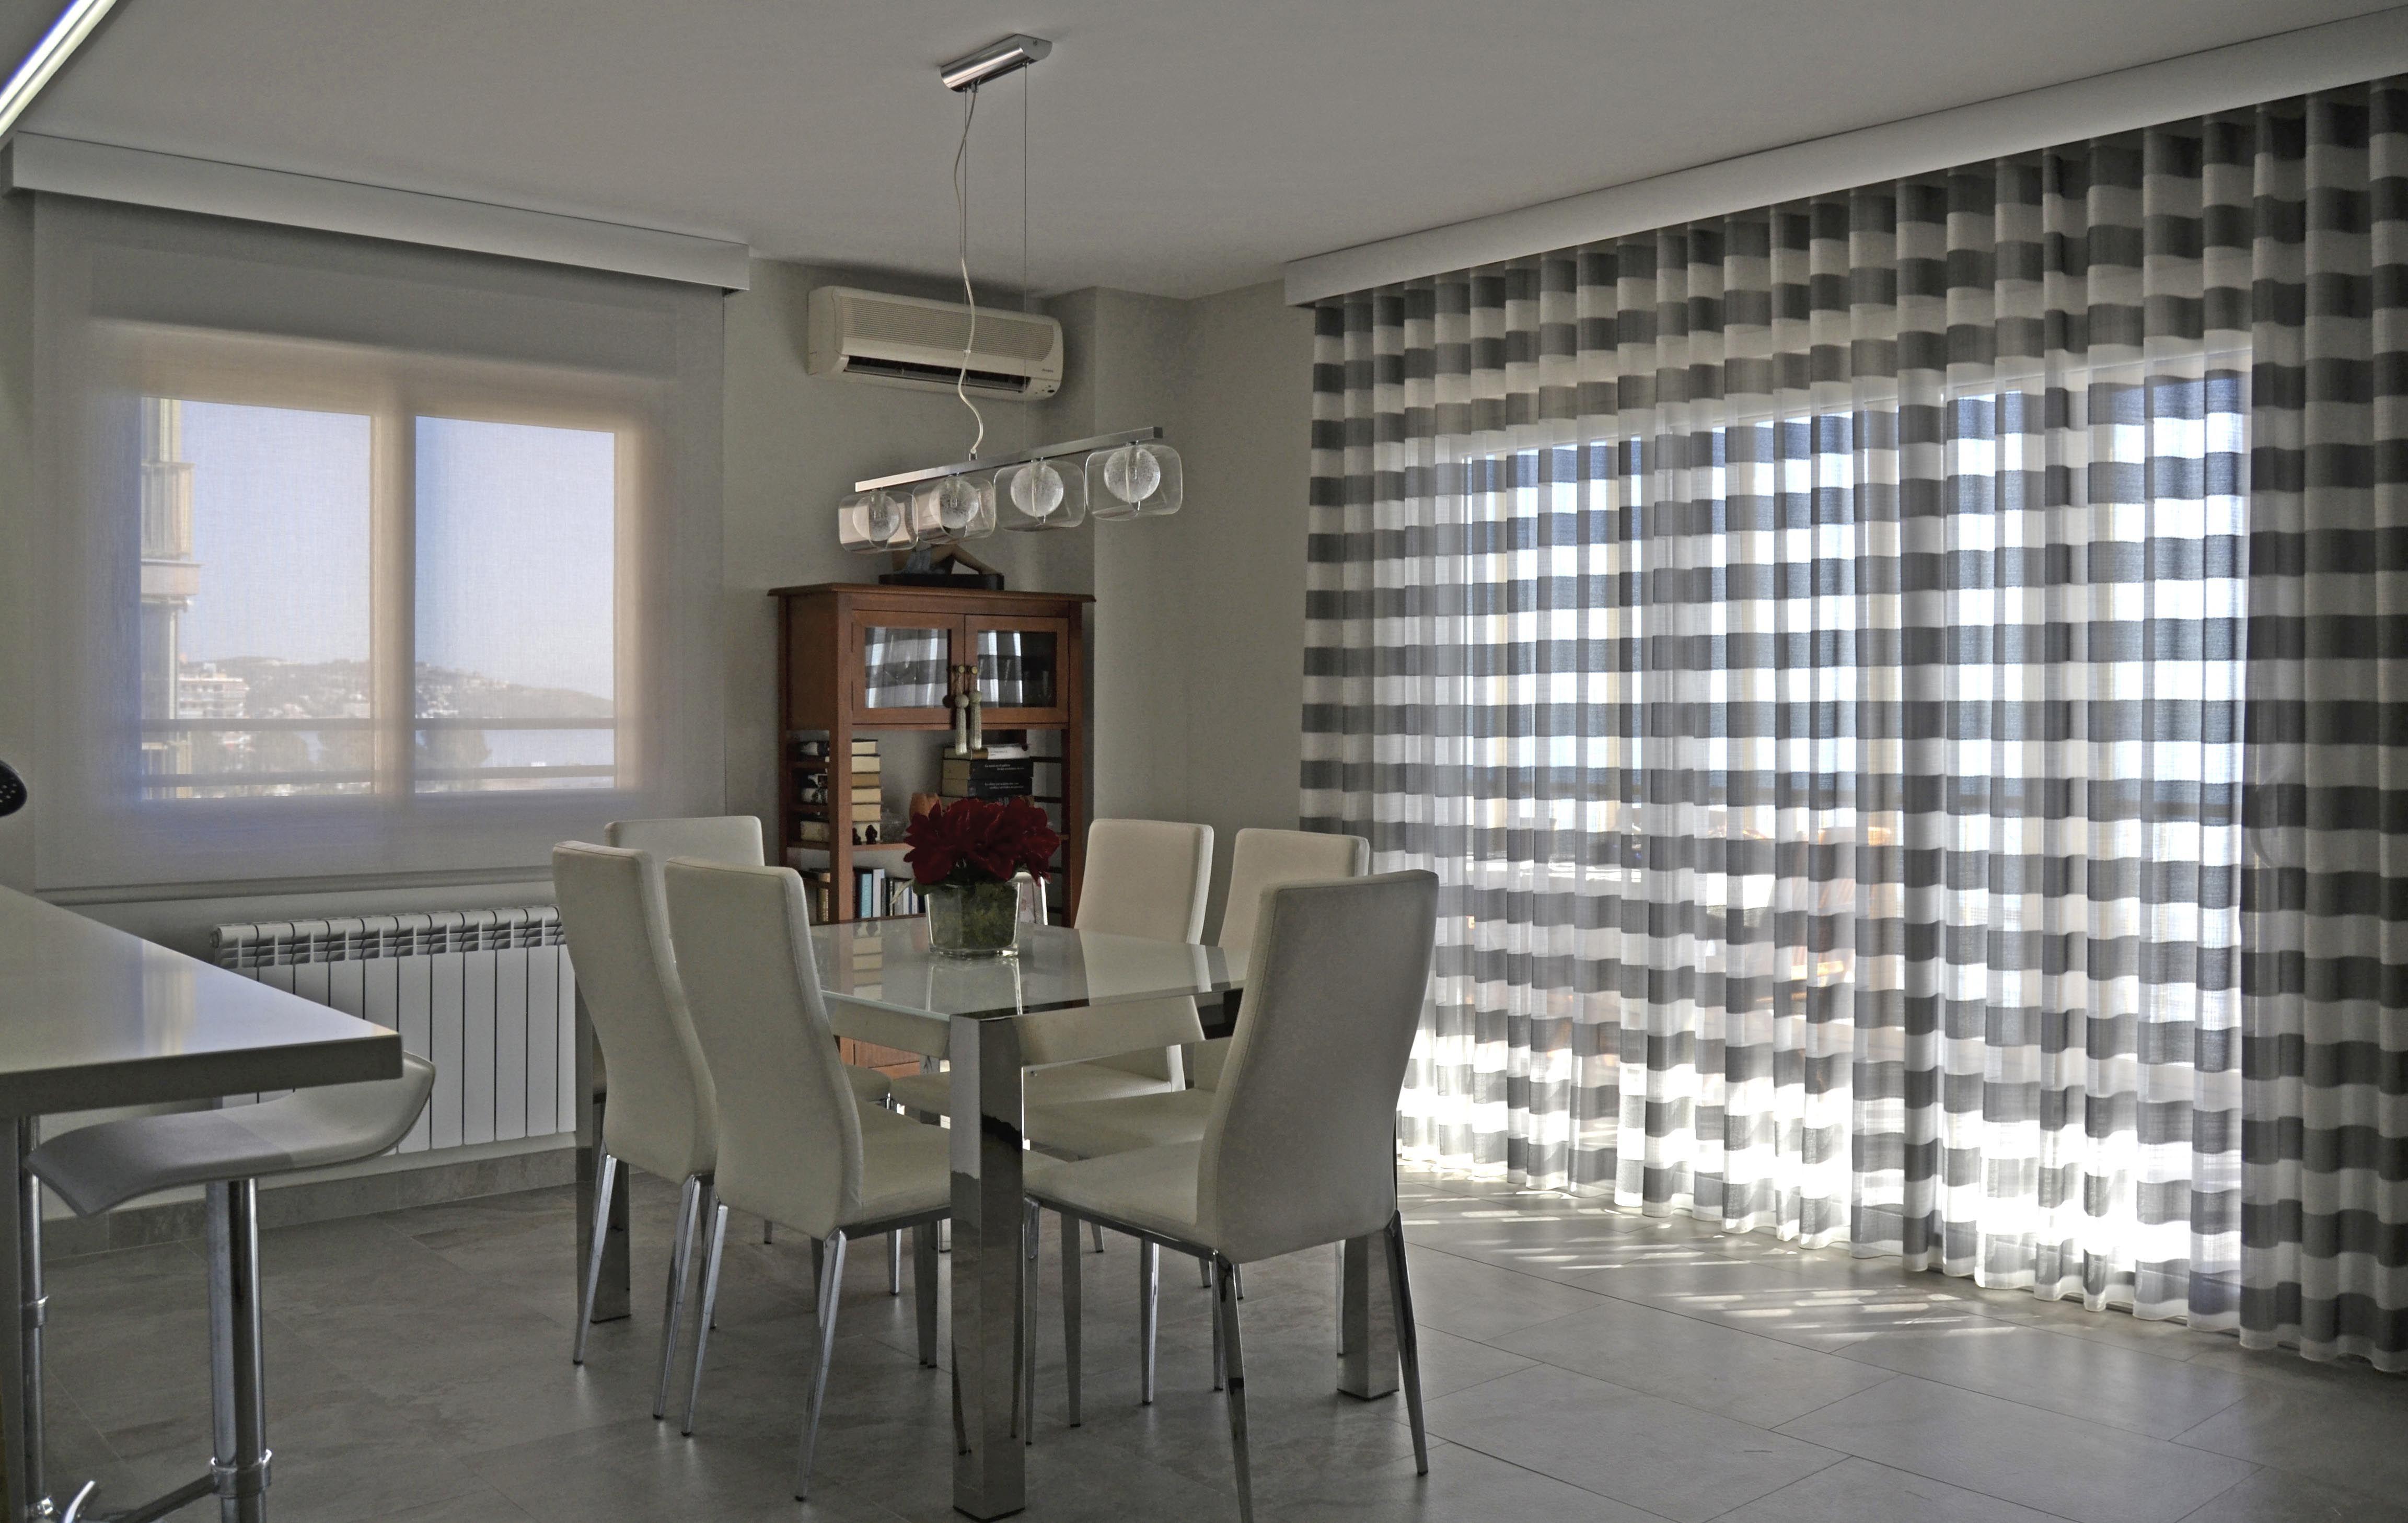 Combinando enrollable y cortina en las ventanas de un mismo comedor ...